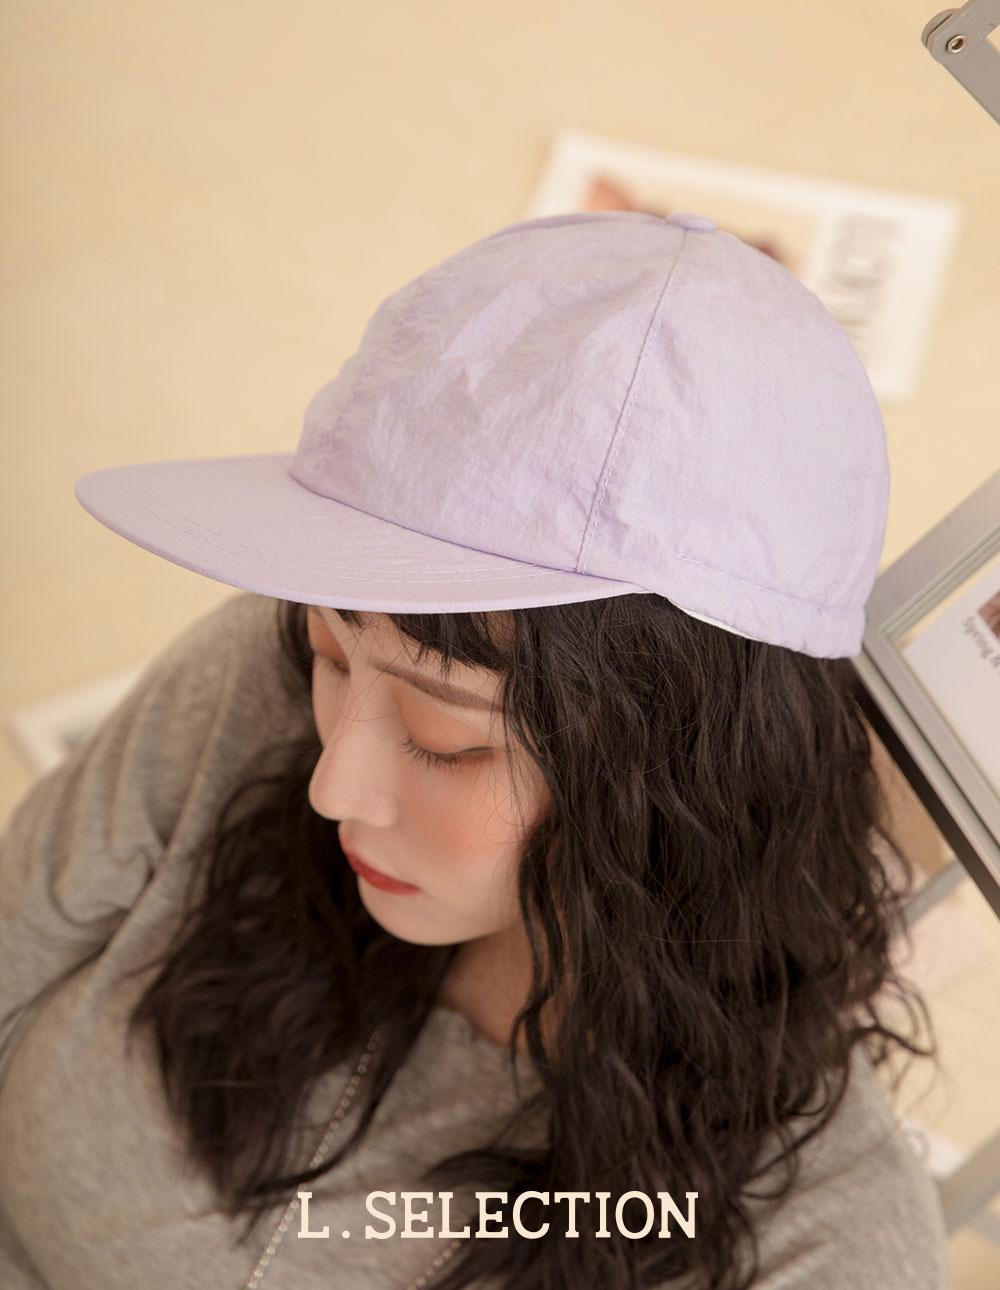 選品系列:馬卡龍棒球帽